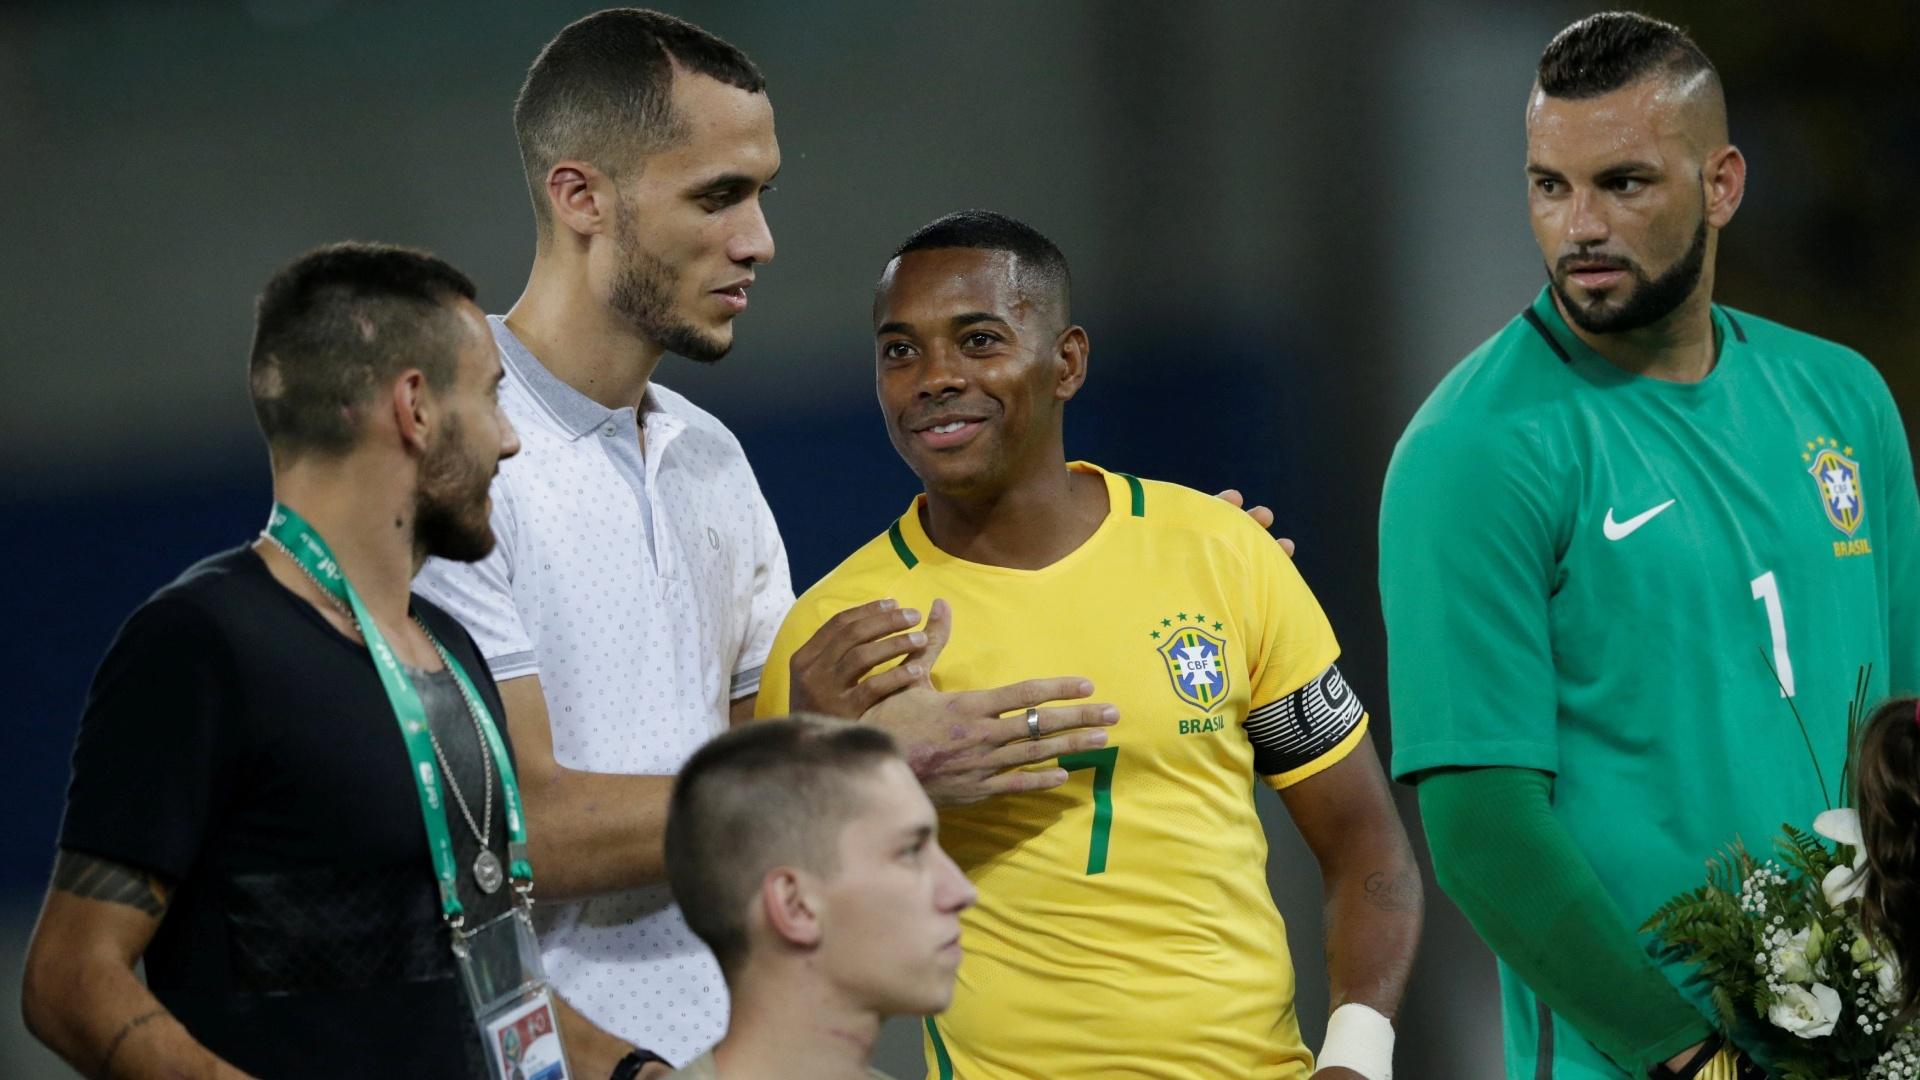 Capitão da seleção no amistoso, Robinho cumprimenta o zagueiro Neto e o lateral Alan Ruschel antes da partida